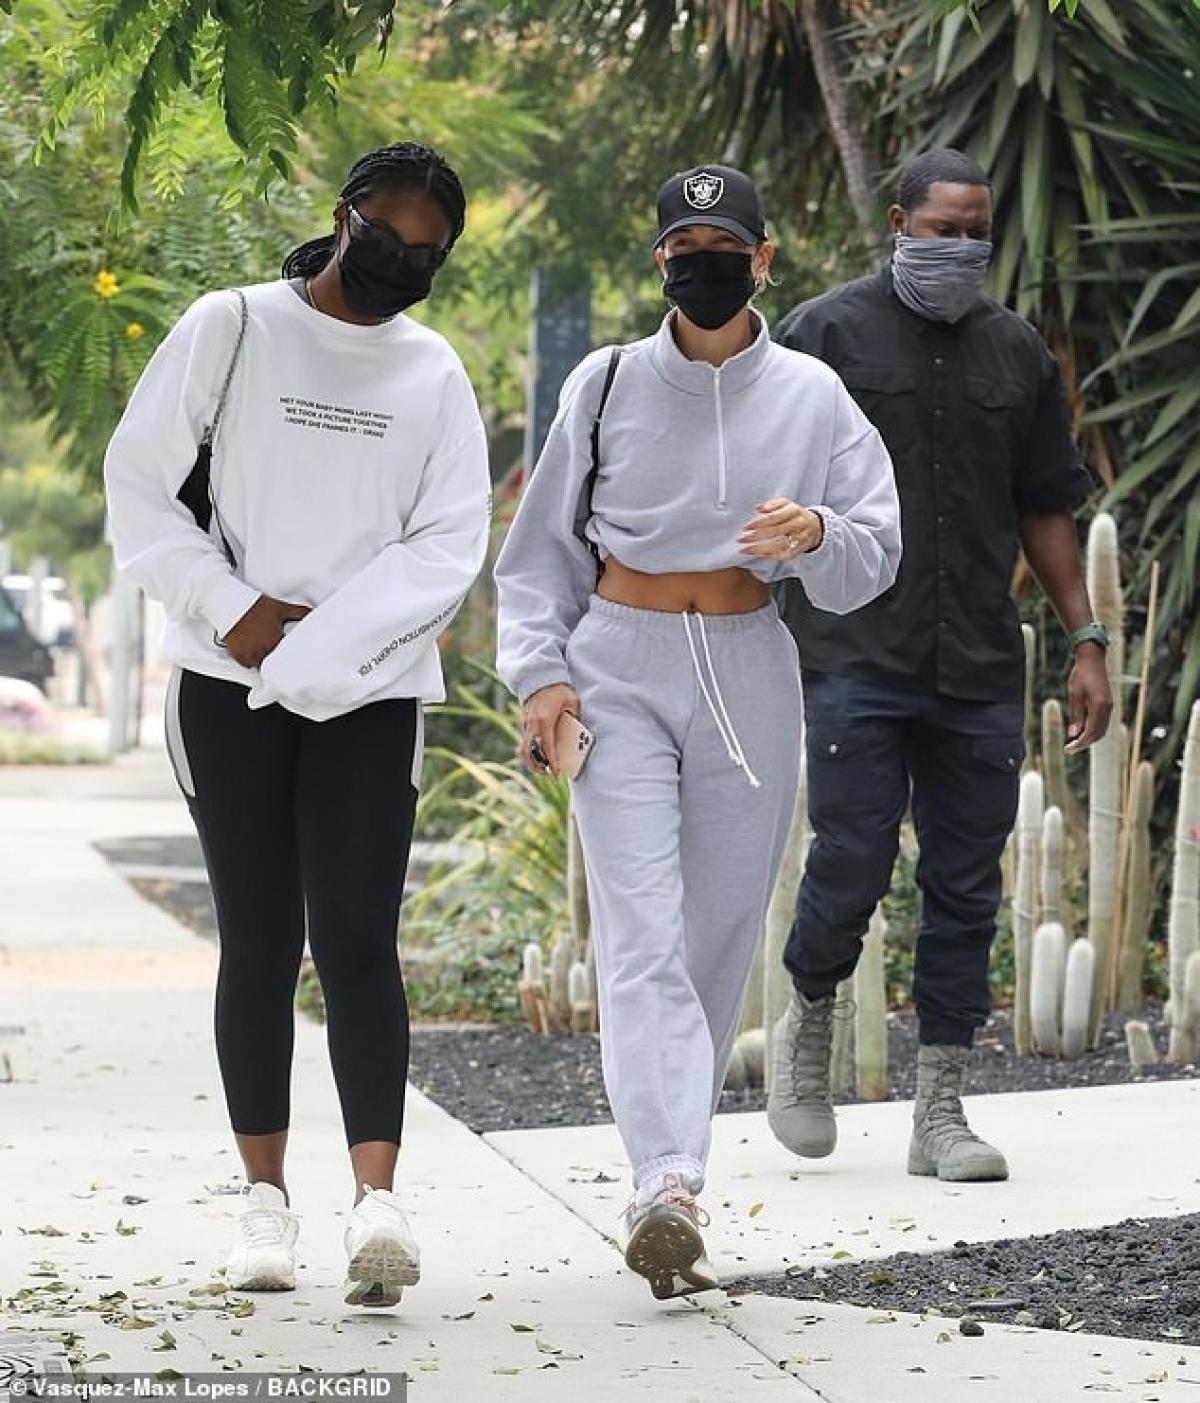 Suốt thời gian nghỉ dịch trước đó, vợ chồng Justin Bieber - Hailey Baldwin đã cùng nhau ghi hình phim tài liệu, cũng như giao lưu trực tuyến với người hâm mộ thông qua chương trình The Biebers on Watch.